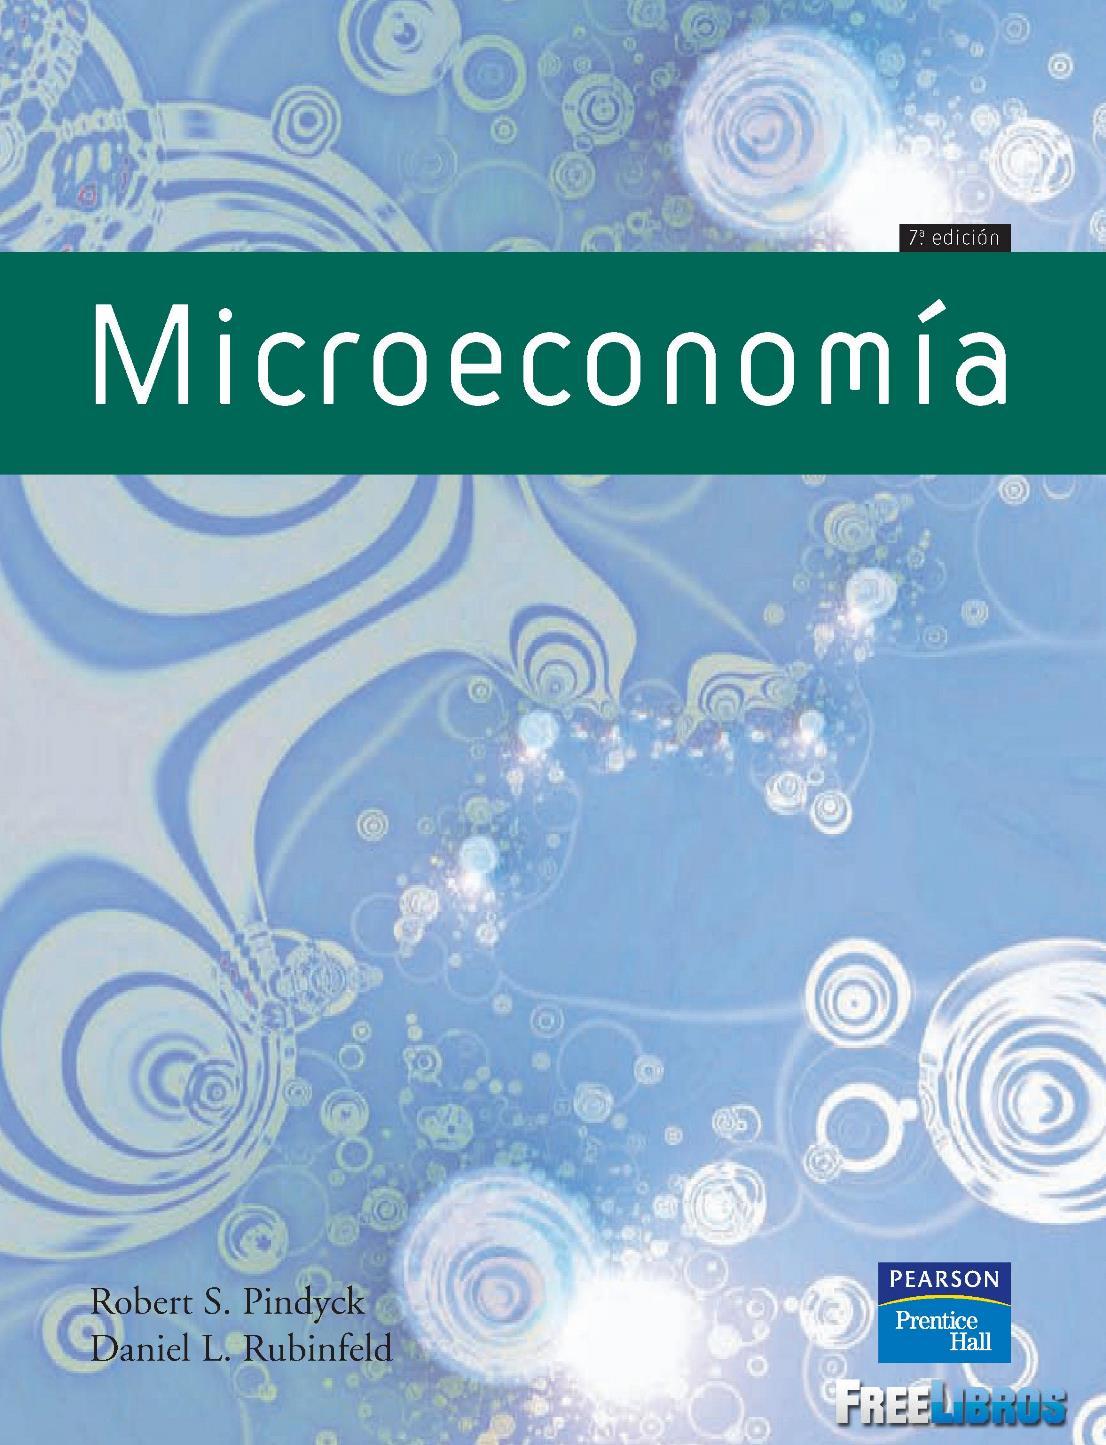 Microeconomía, 7ma Edición – Robert S. Pyndick y Daniel L. Rubinfeld